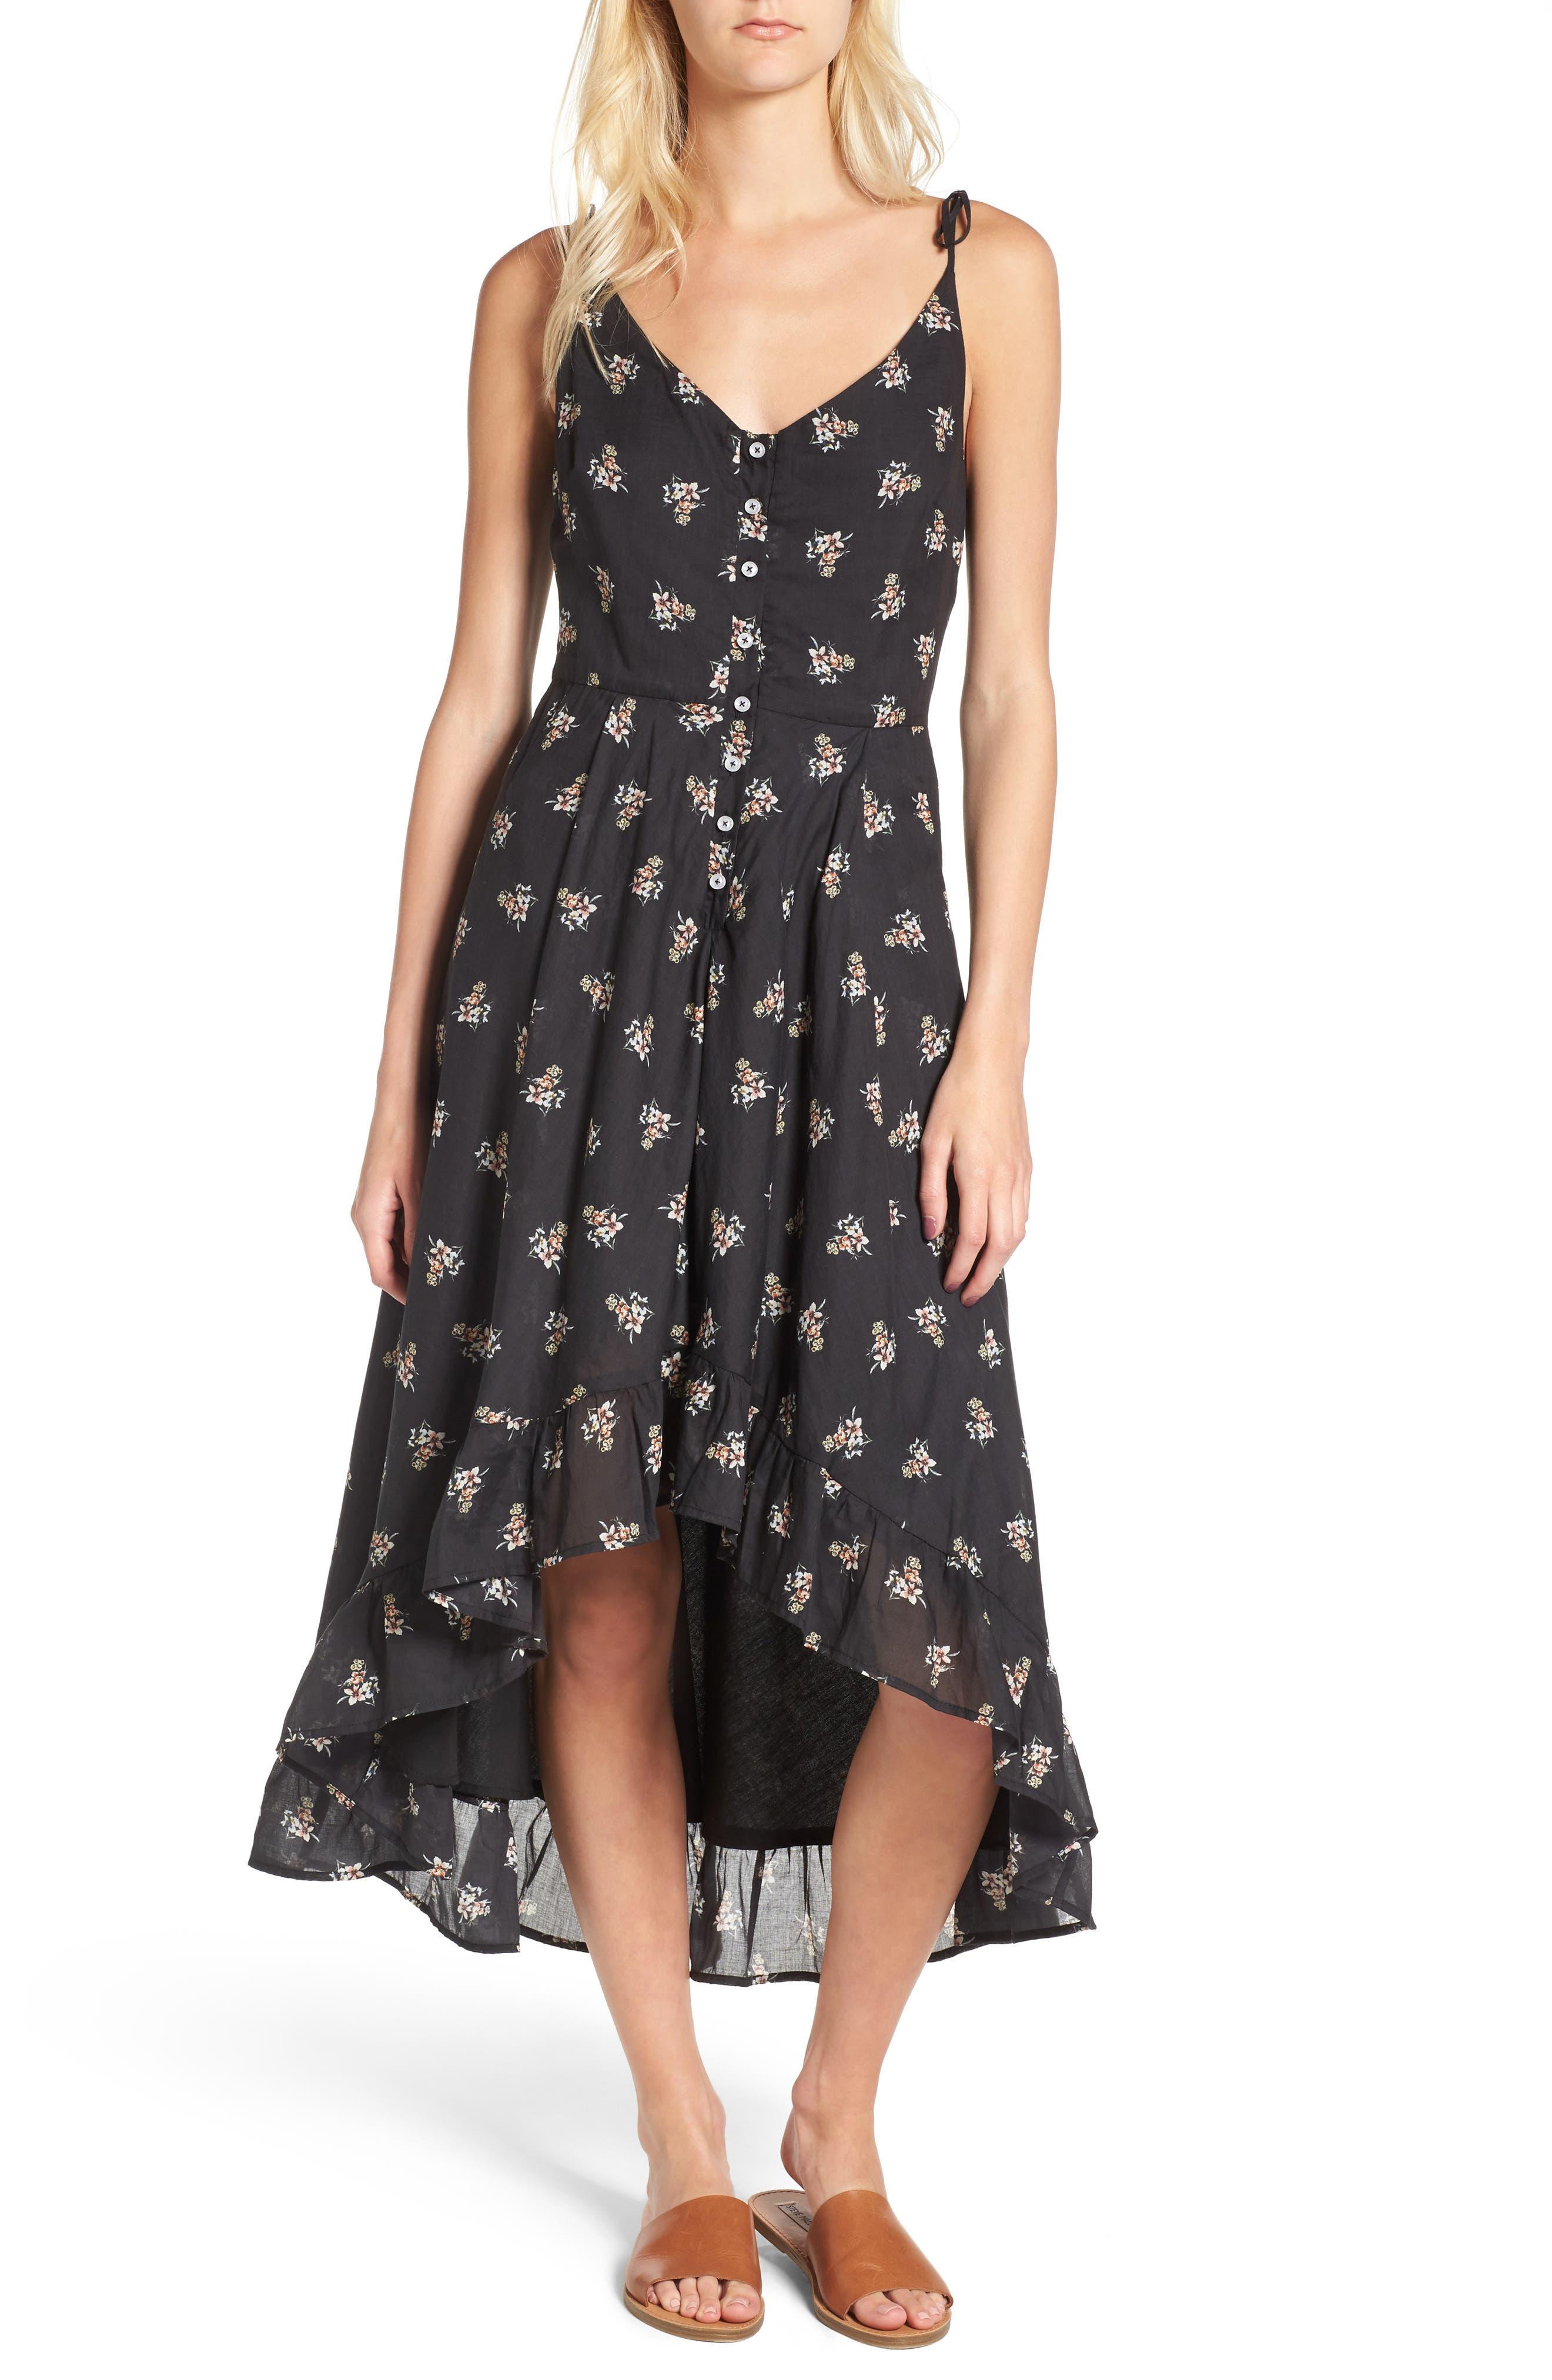 McGuire Regal Midi Dress